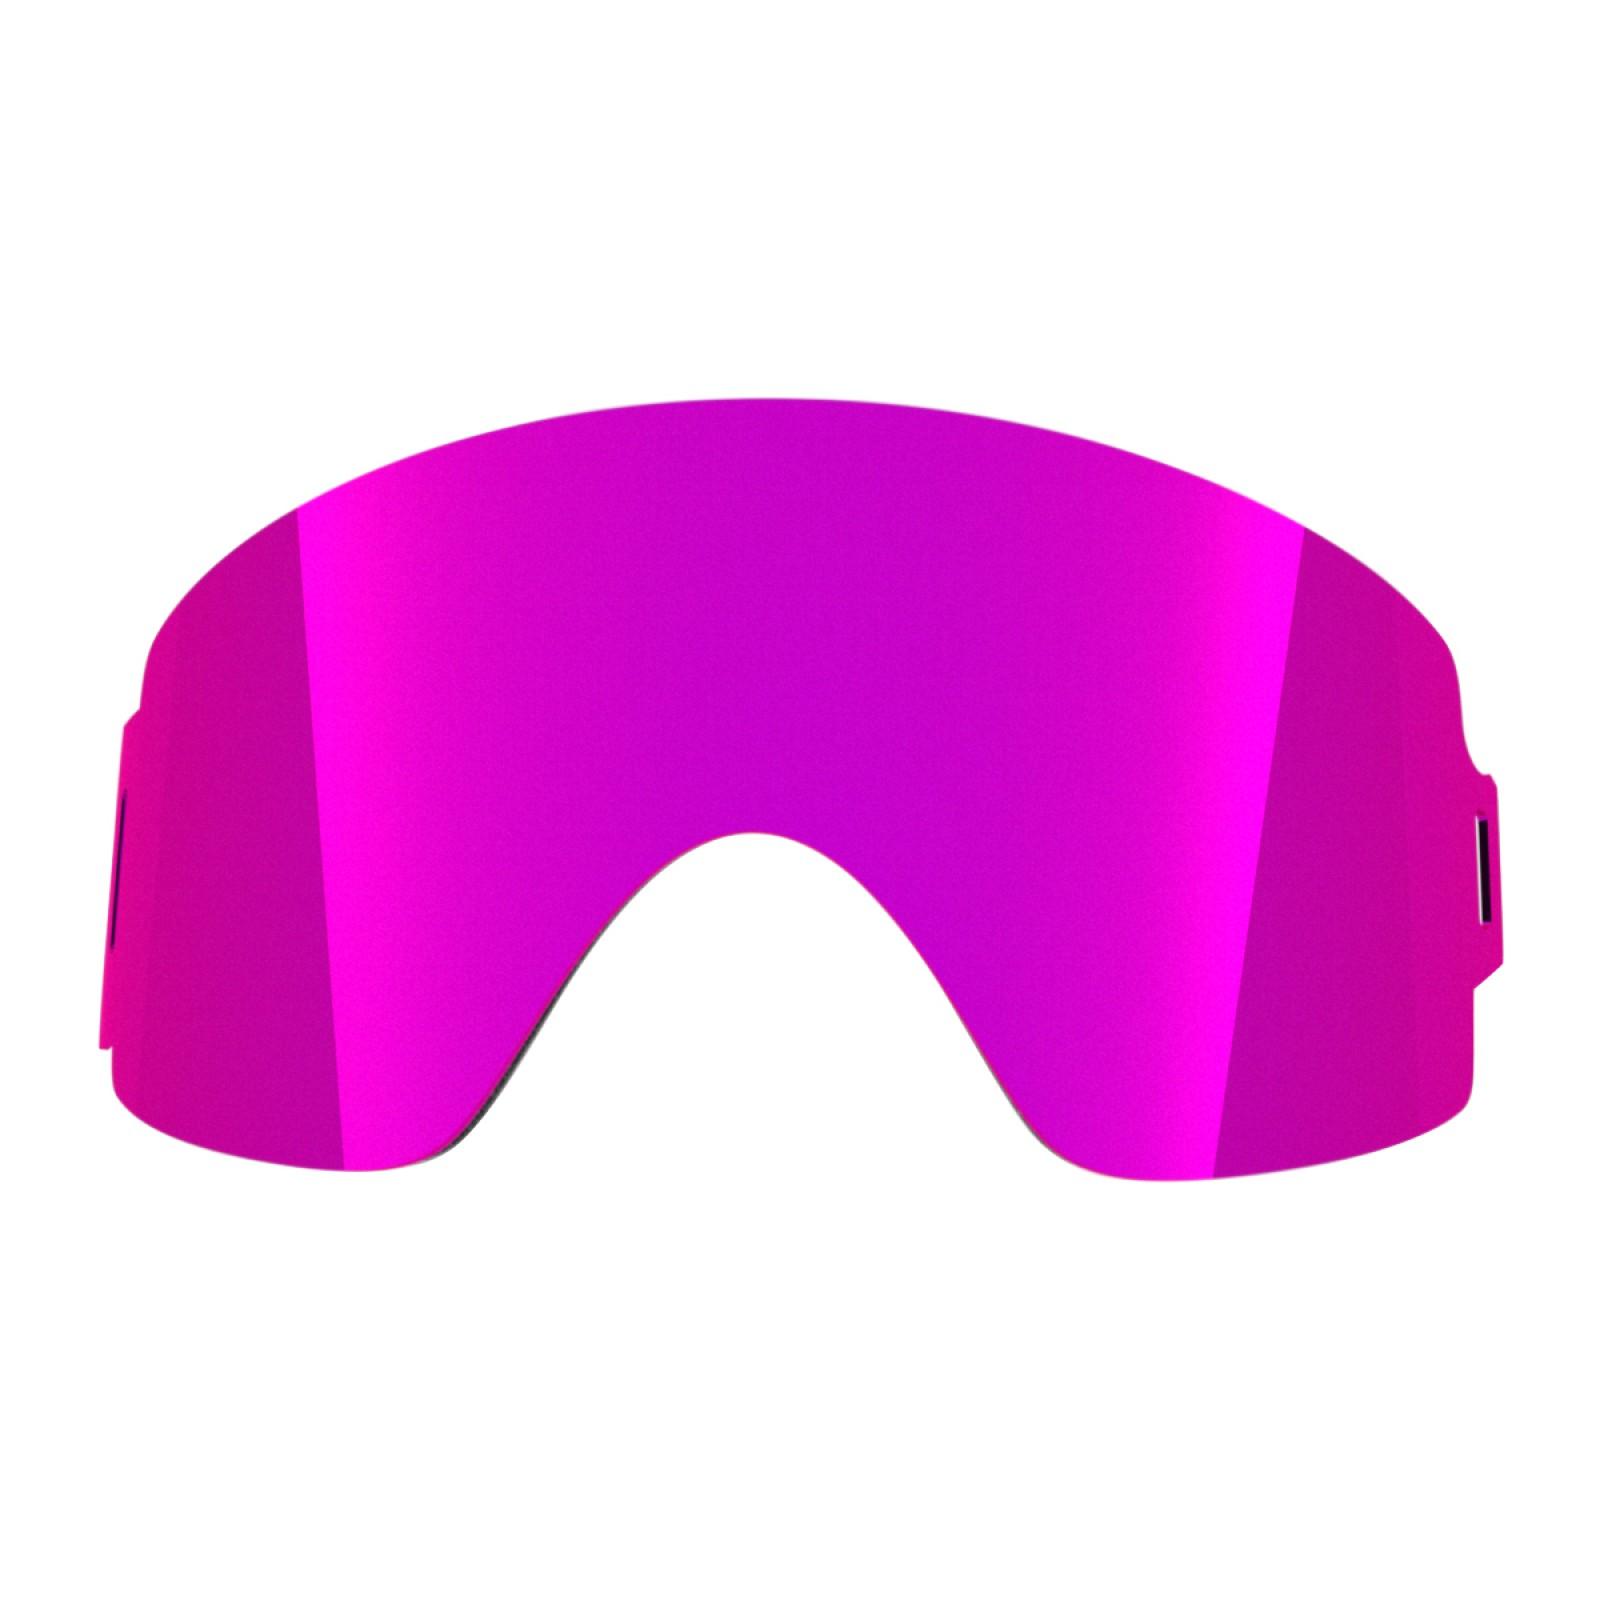 VIOLET MCI lens for  Shift goggle